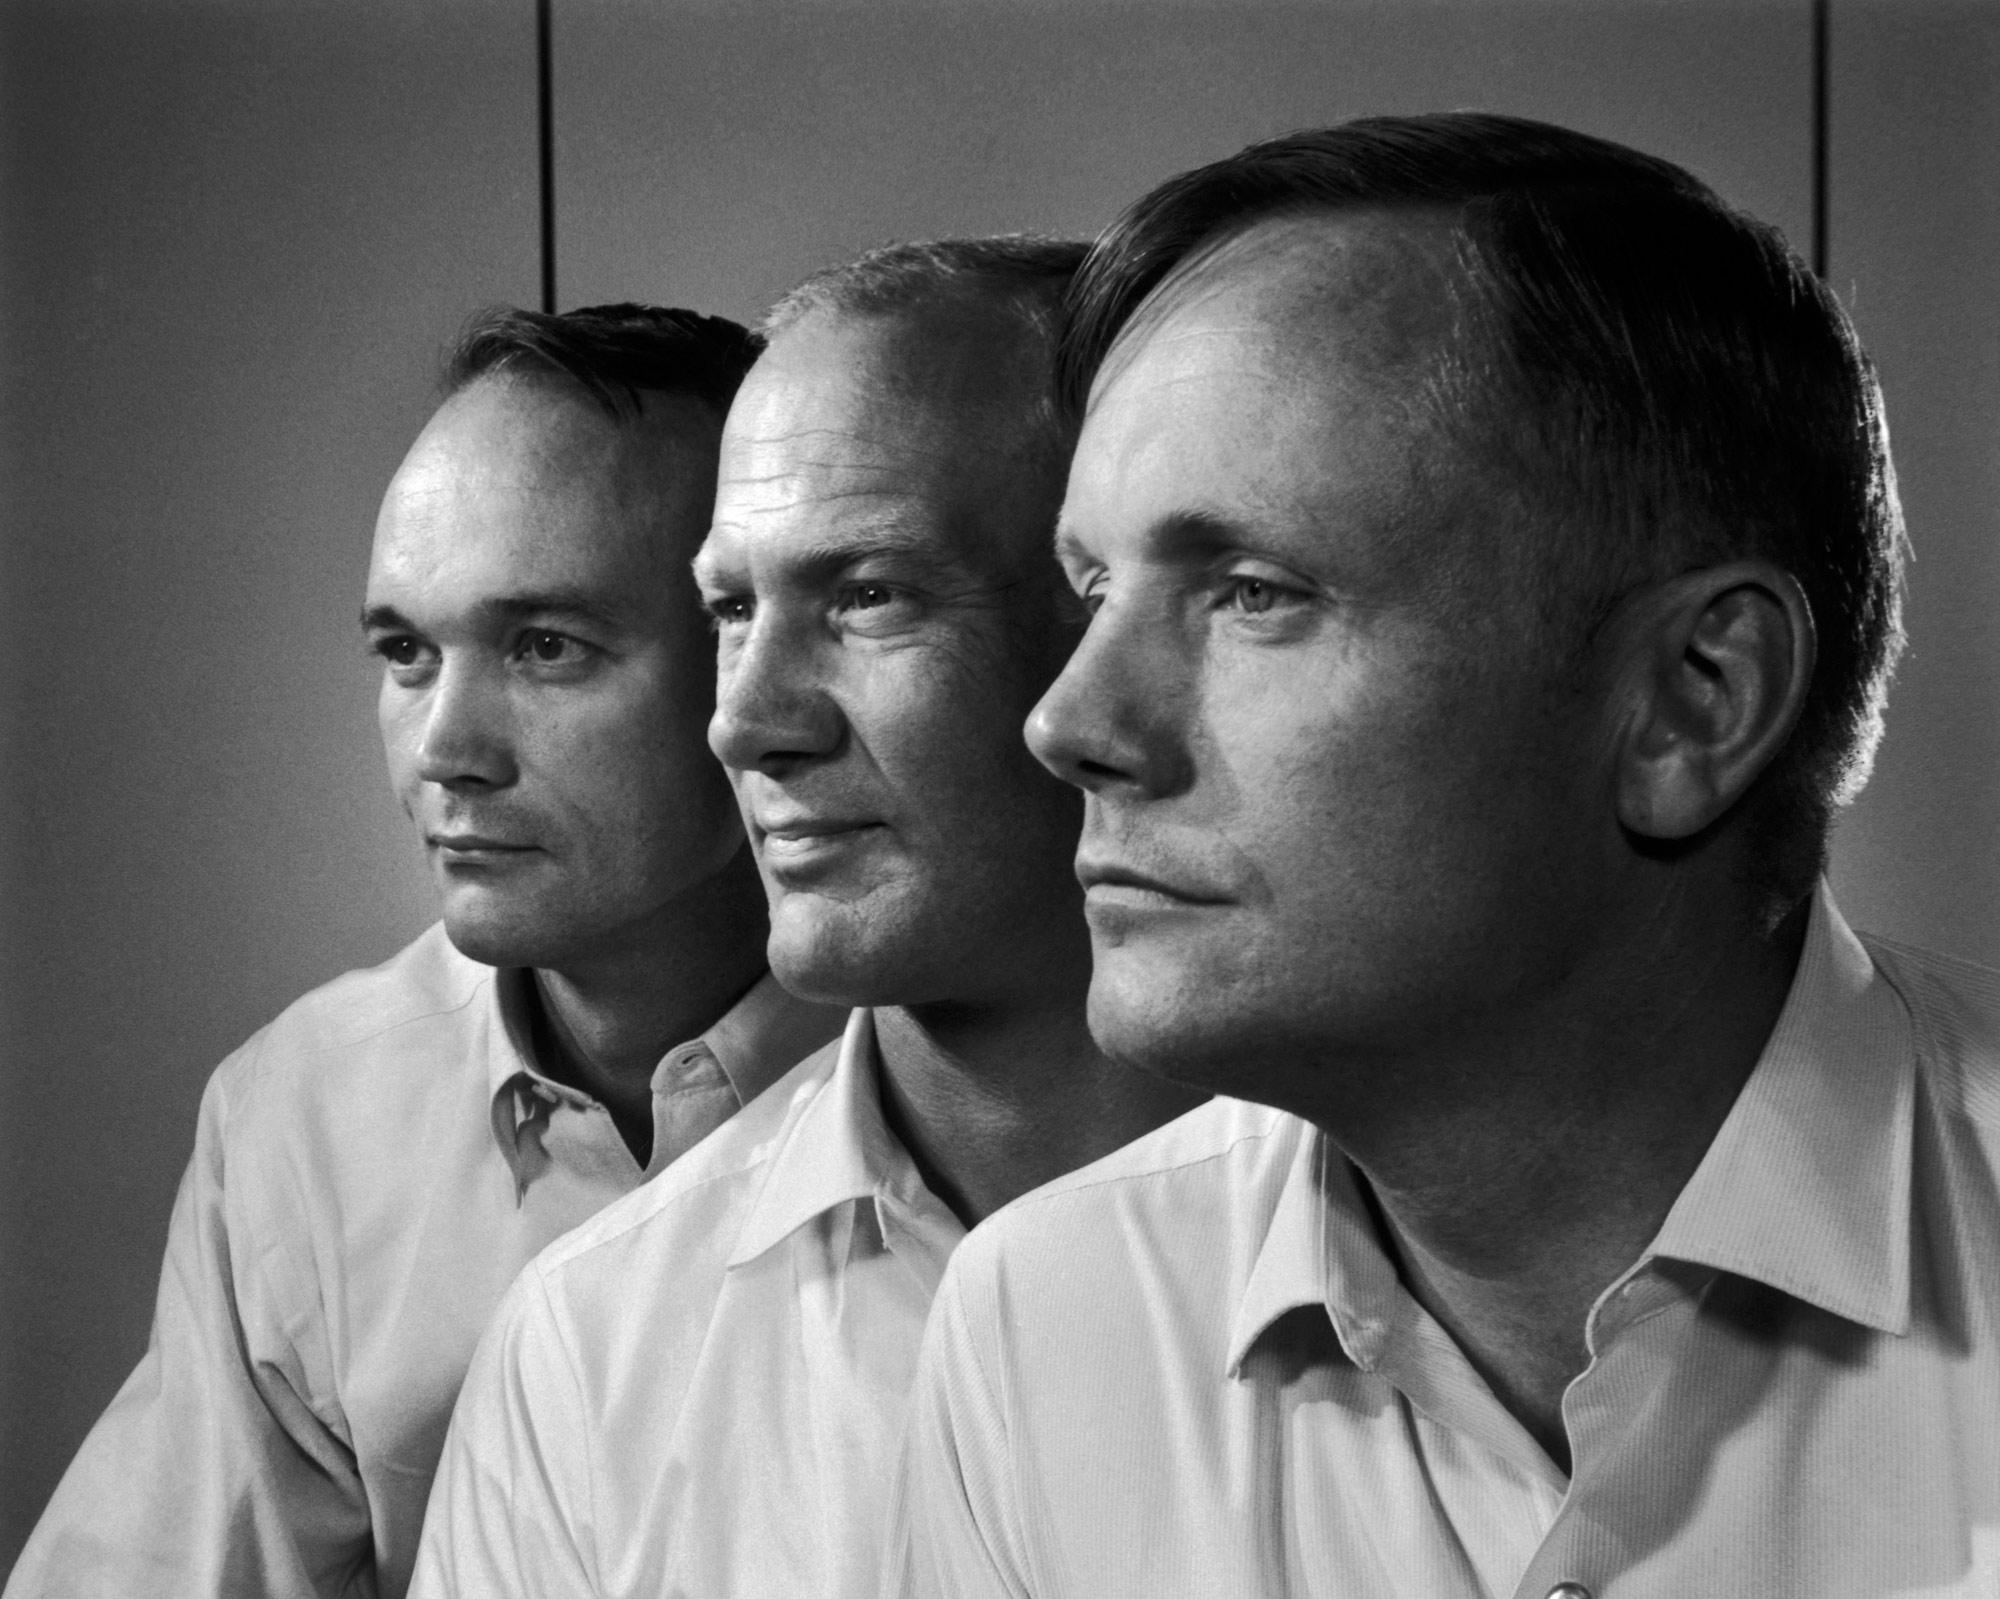 Apollo 11 crew, 1969. Michael Collins, Edwin 'Buzz' Aldrin, Neil Armstrong